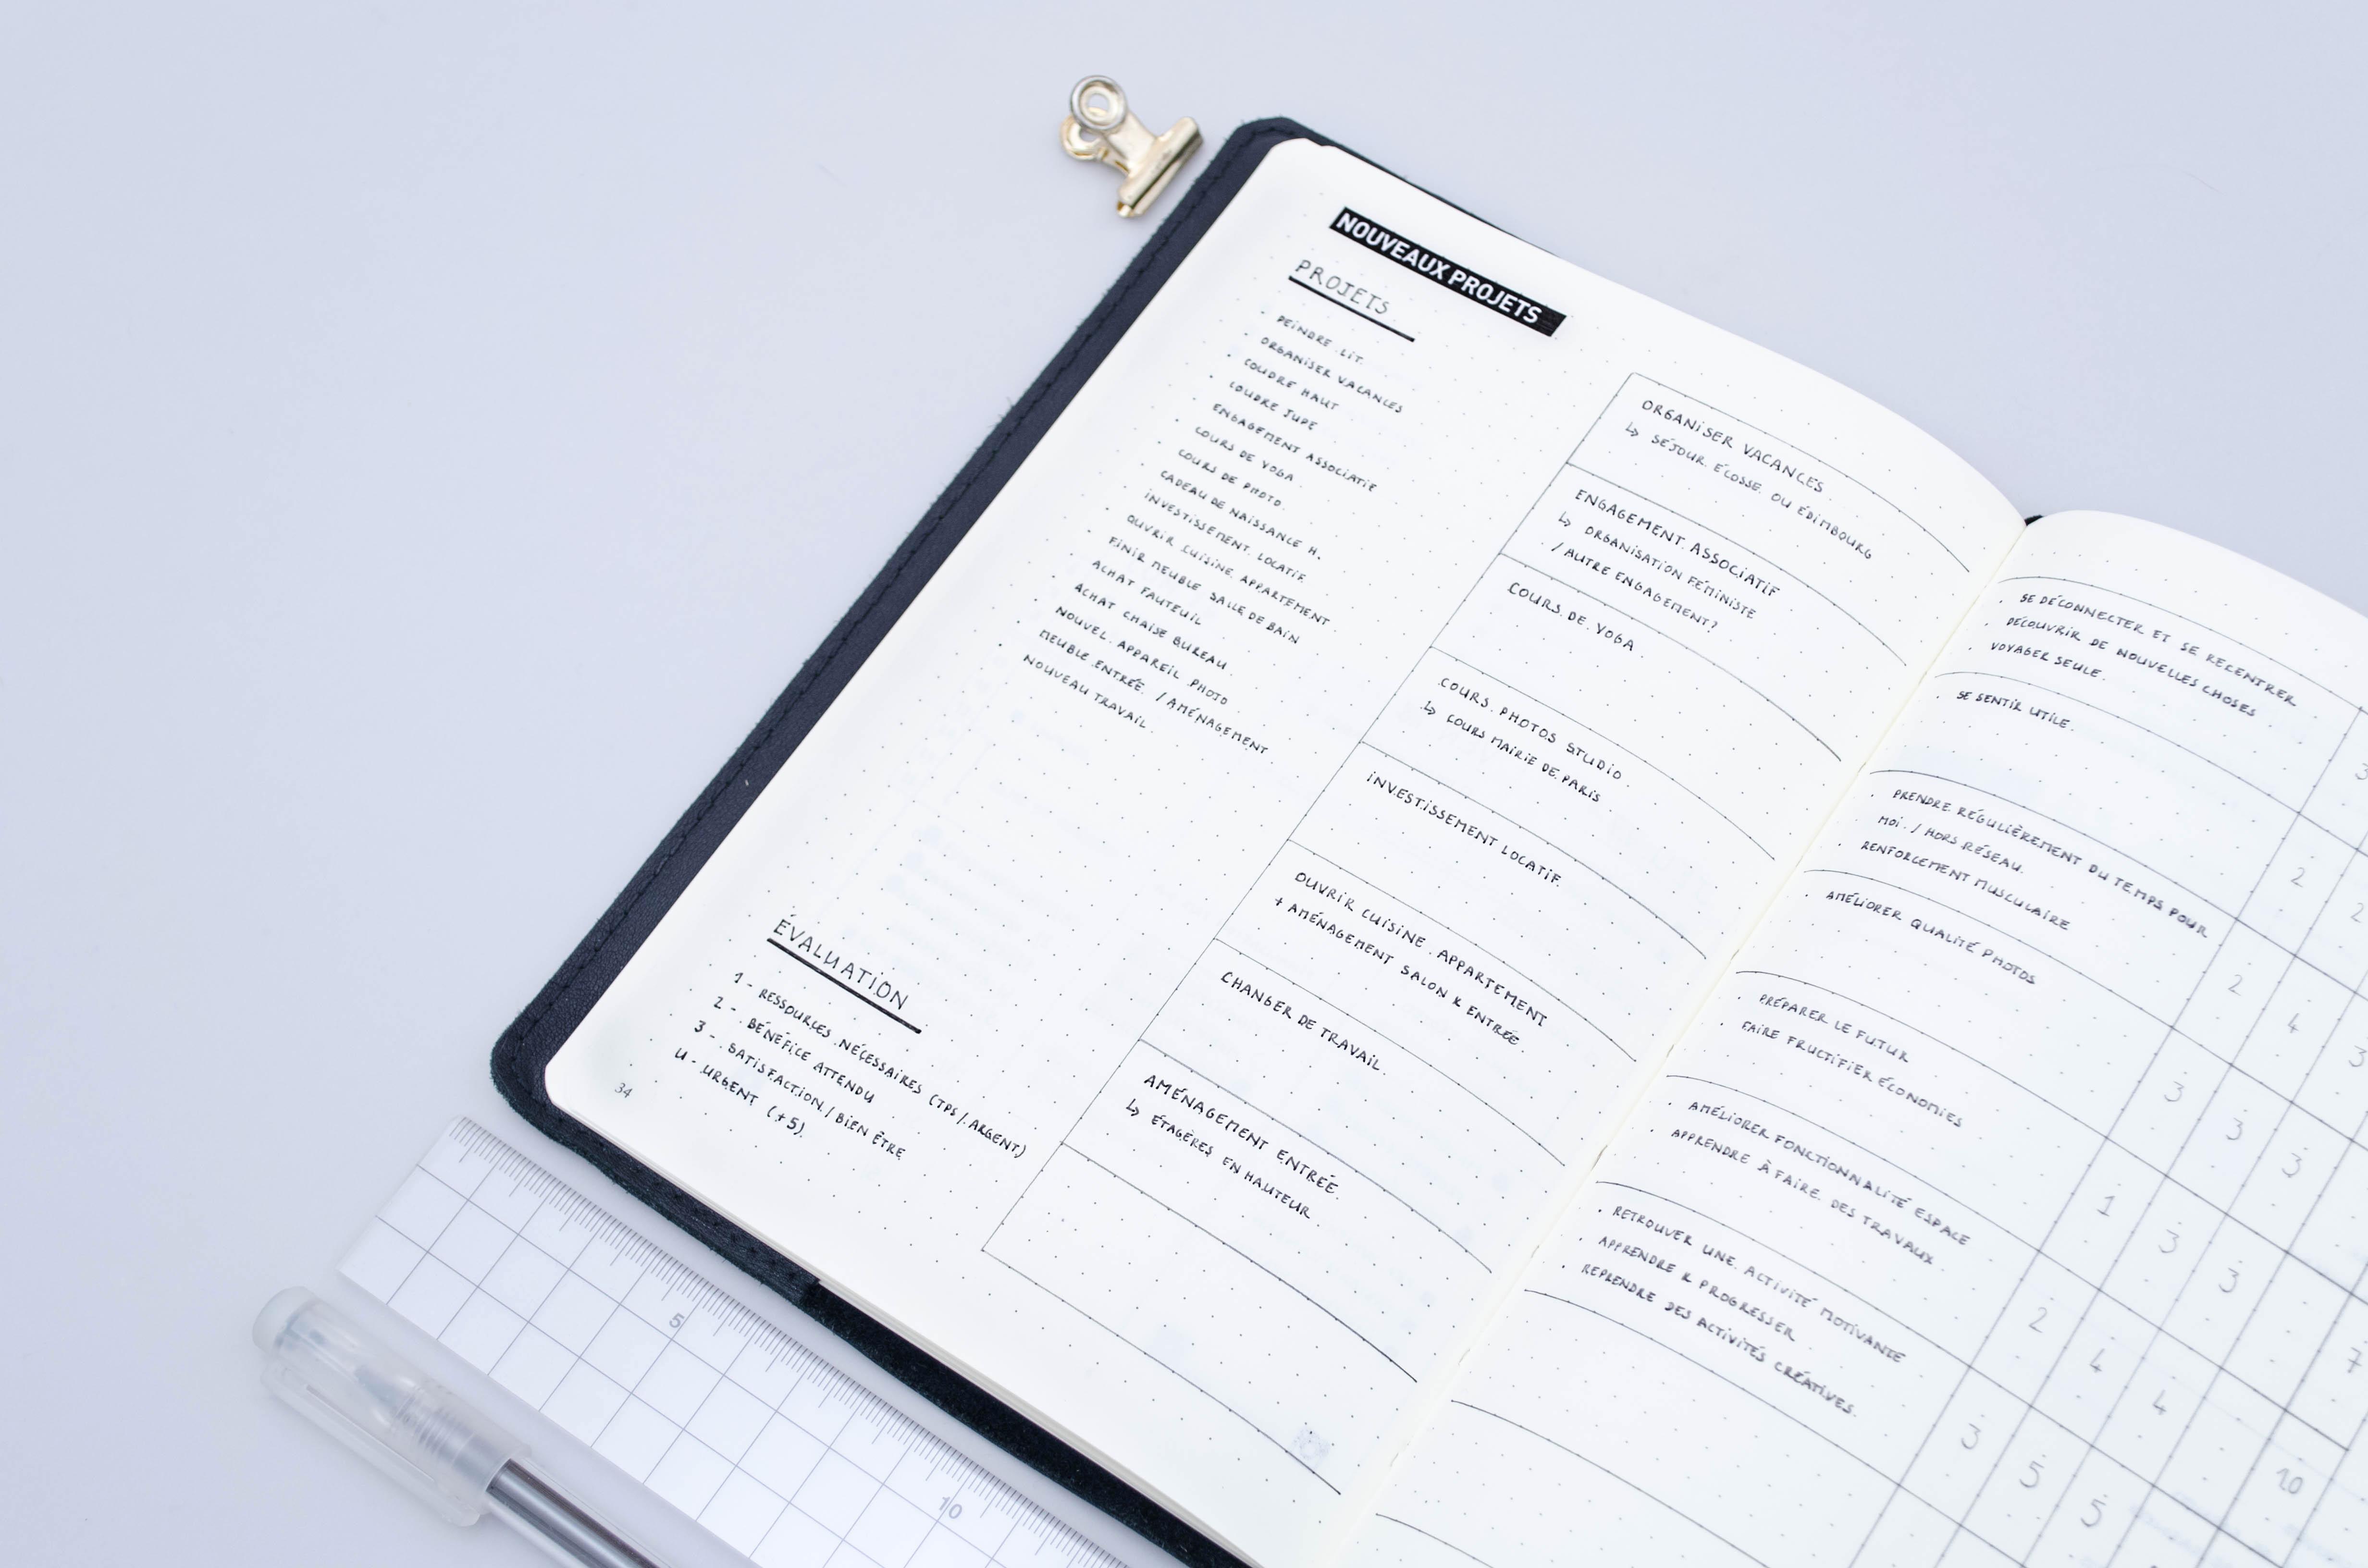 mieux g rer mes projets avec le bullet journal minimal plan. Black Bedroom Furniture Sets. Home Design Ideas